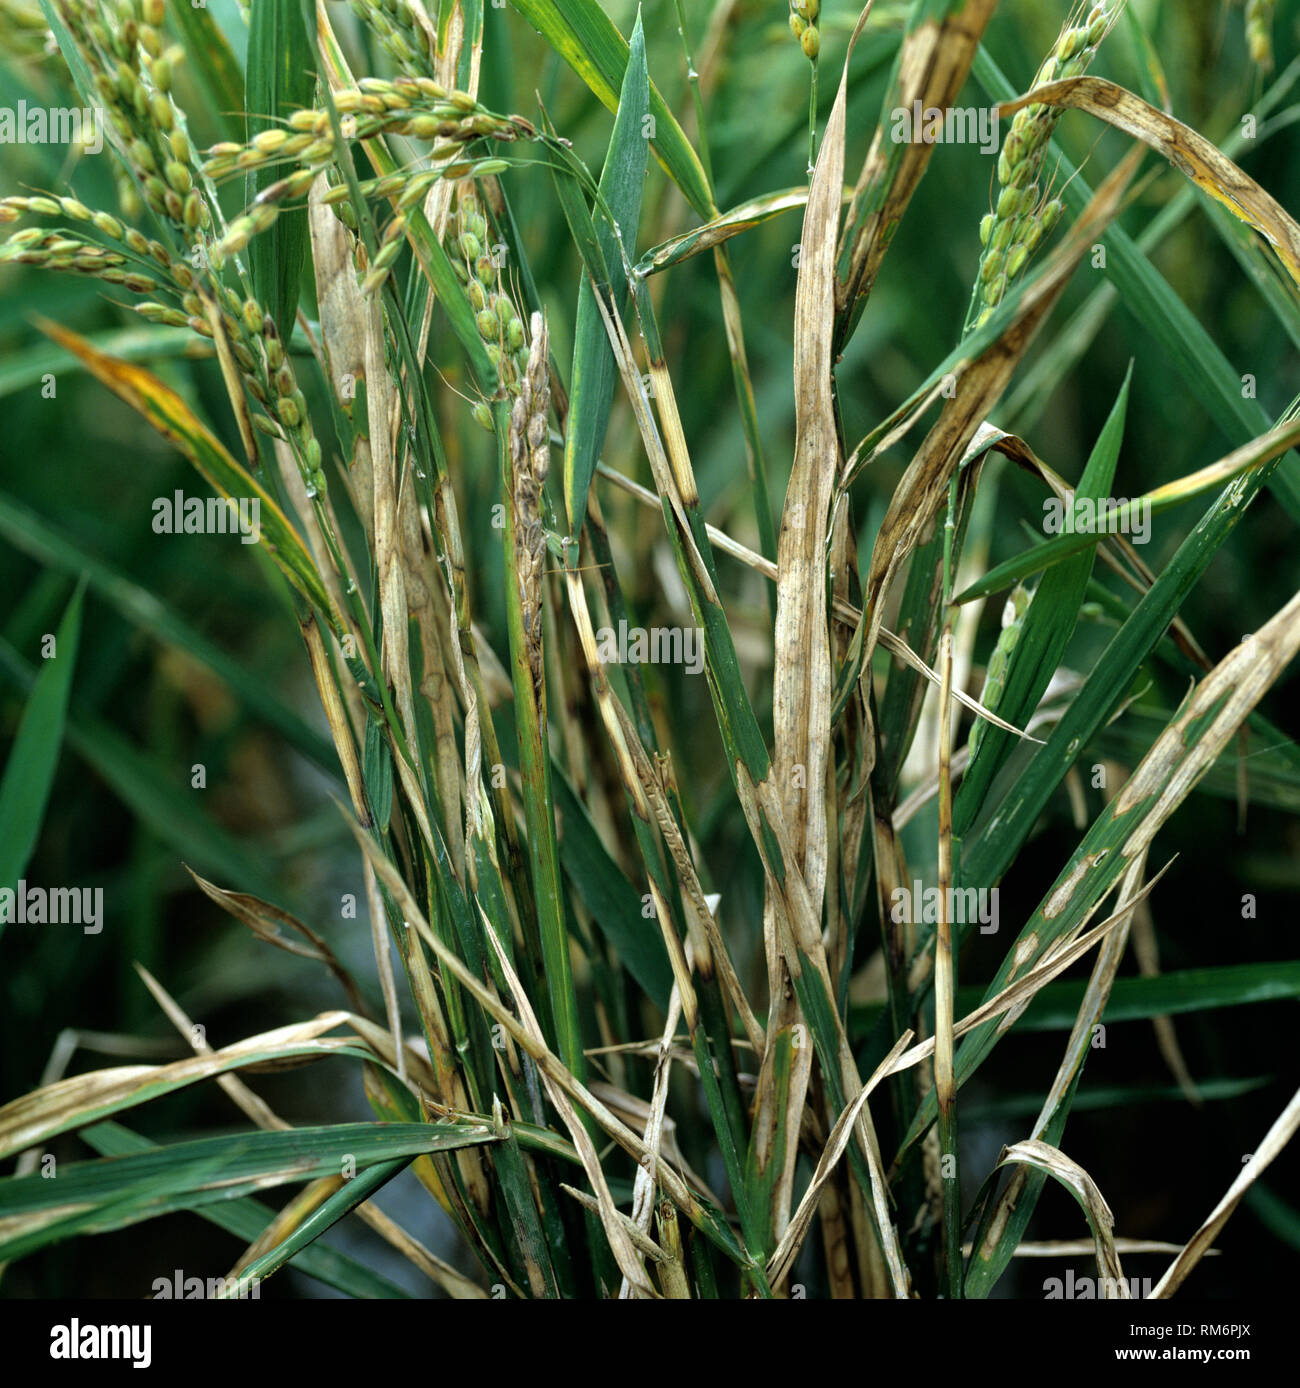 Ummantelung Trockenfäule, Rhizoctonia solani, Krankheit infiziert die Ernte von Reis, Luzon, Philippinen Stockbild